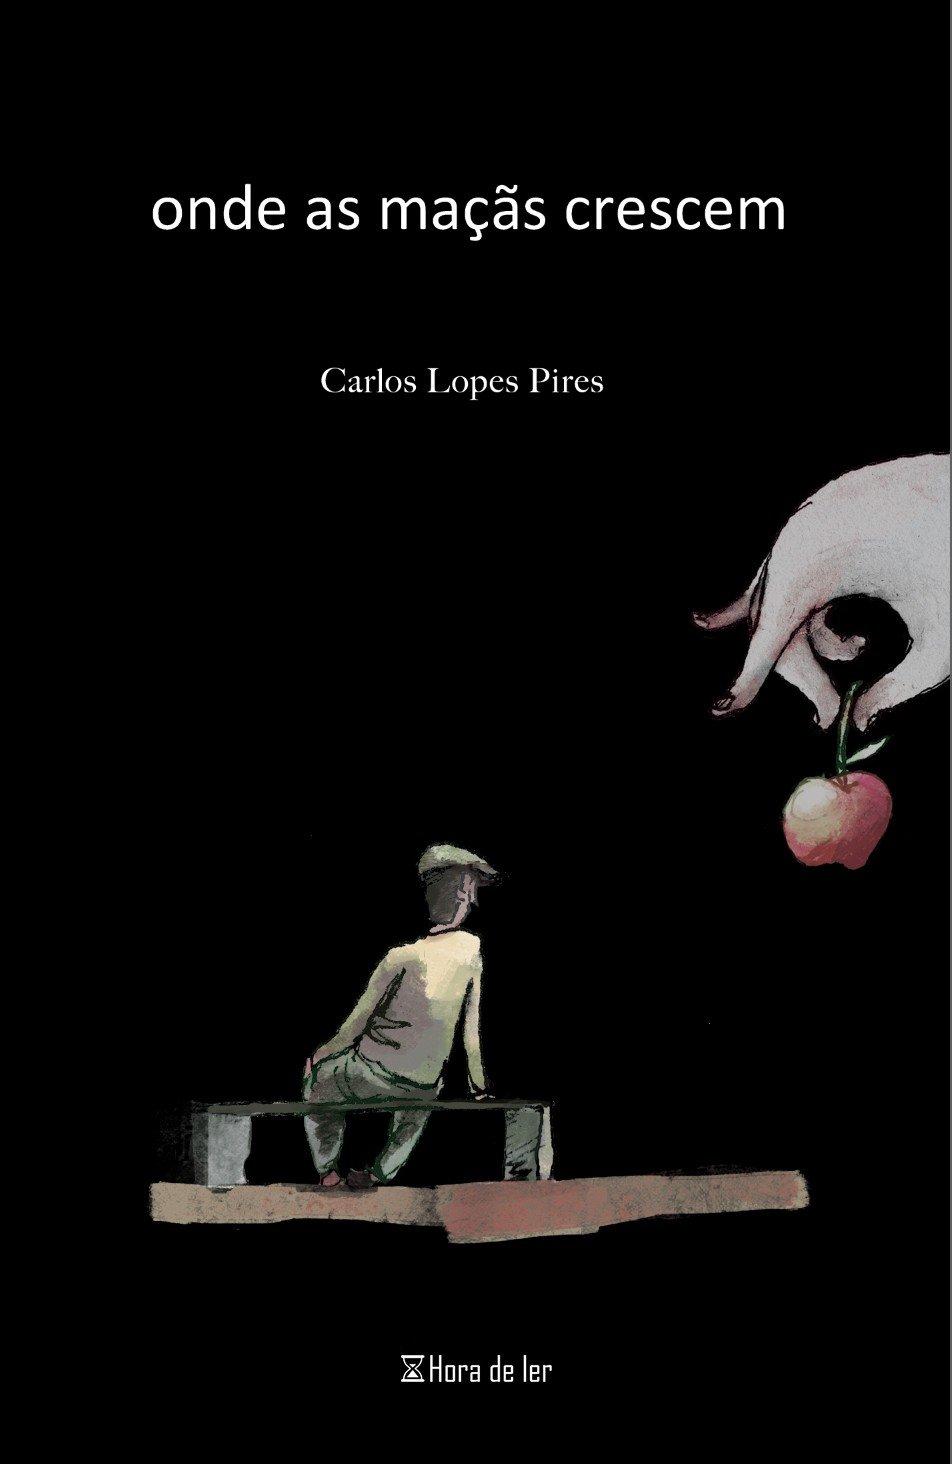 """Apresentação do livro de Carlos Lopes Pires: """"Onde as maçãs crescem"""""""